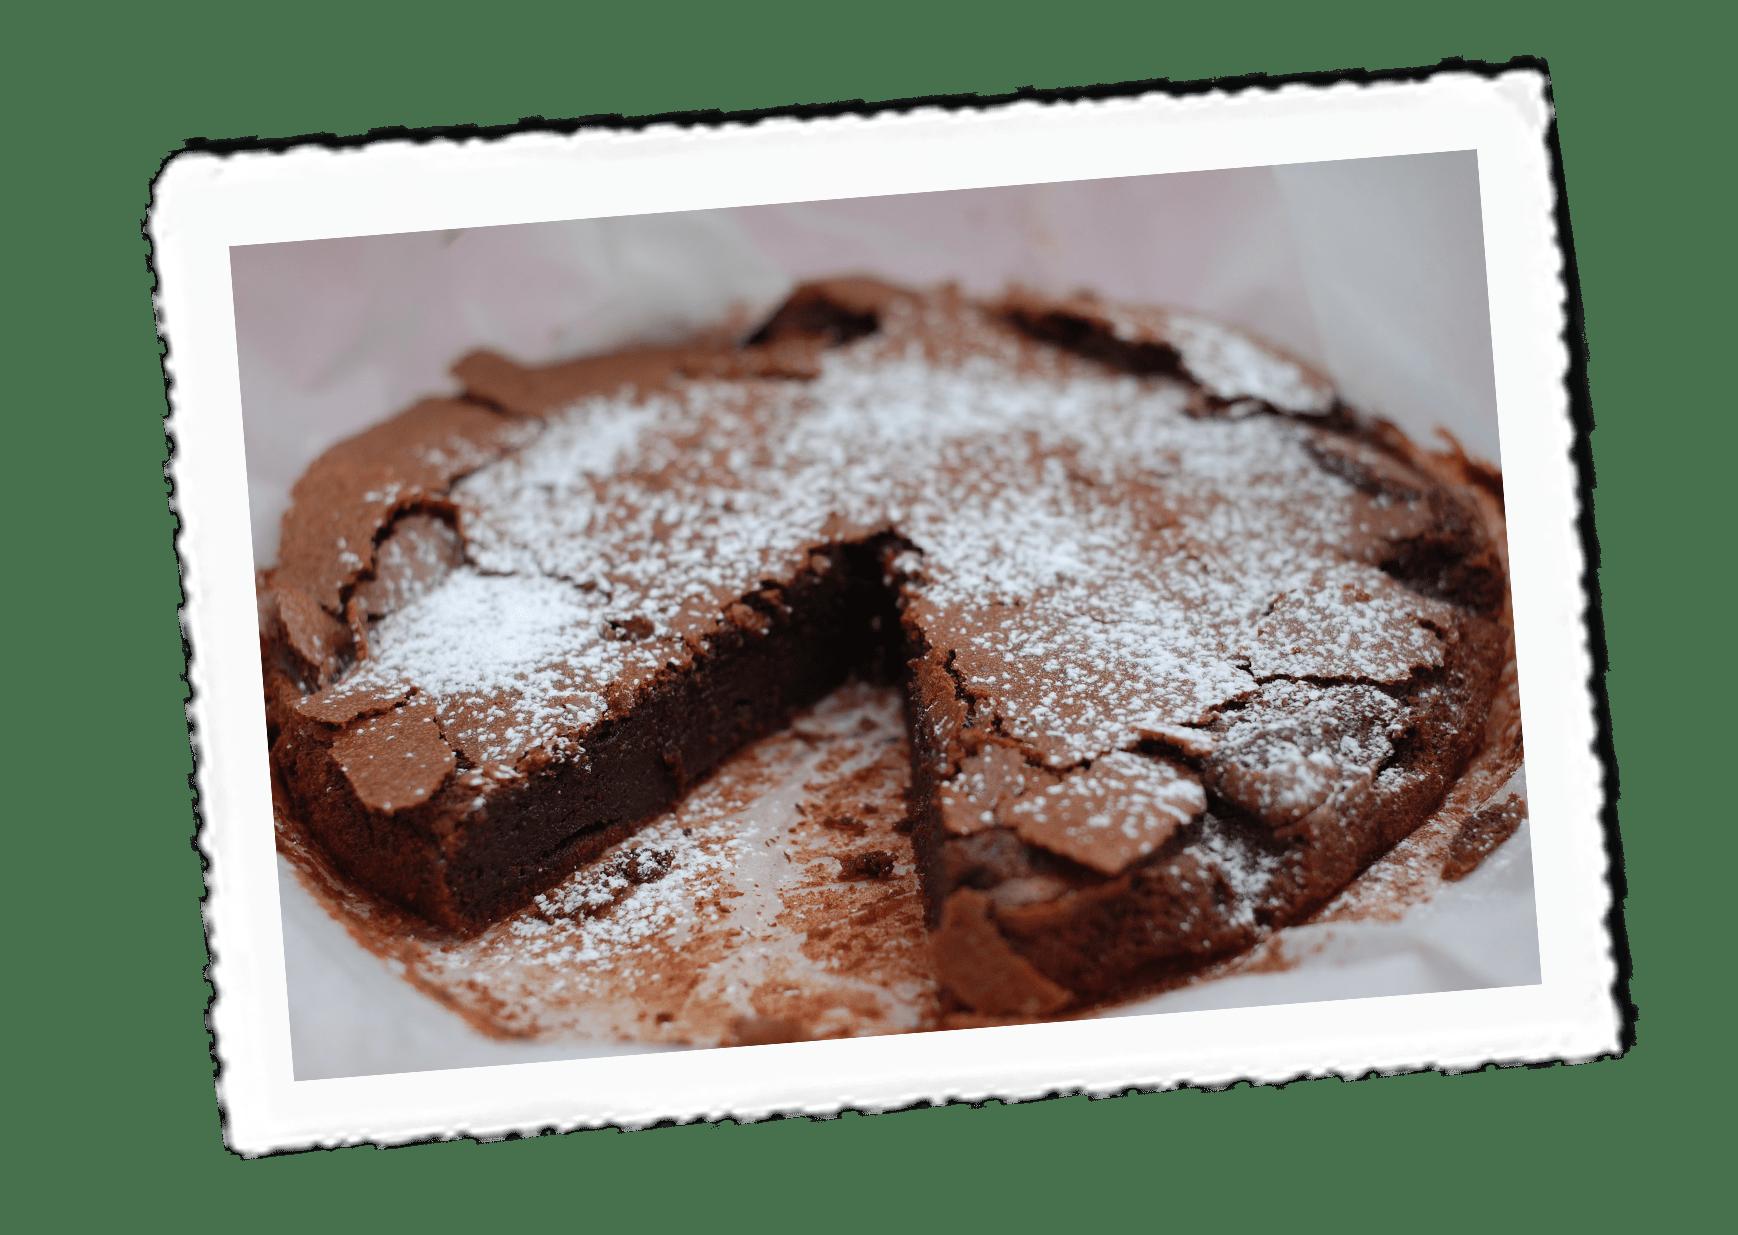 Almond-Chocolate-Cake